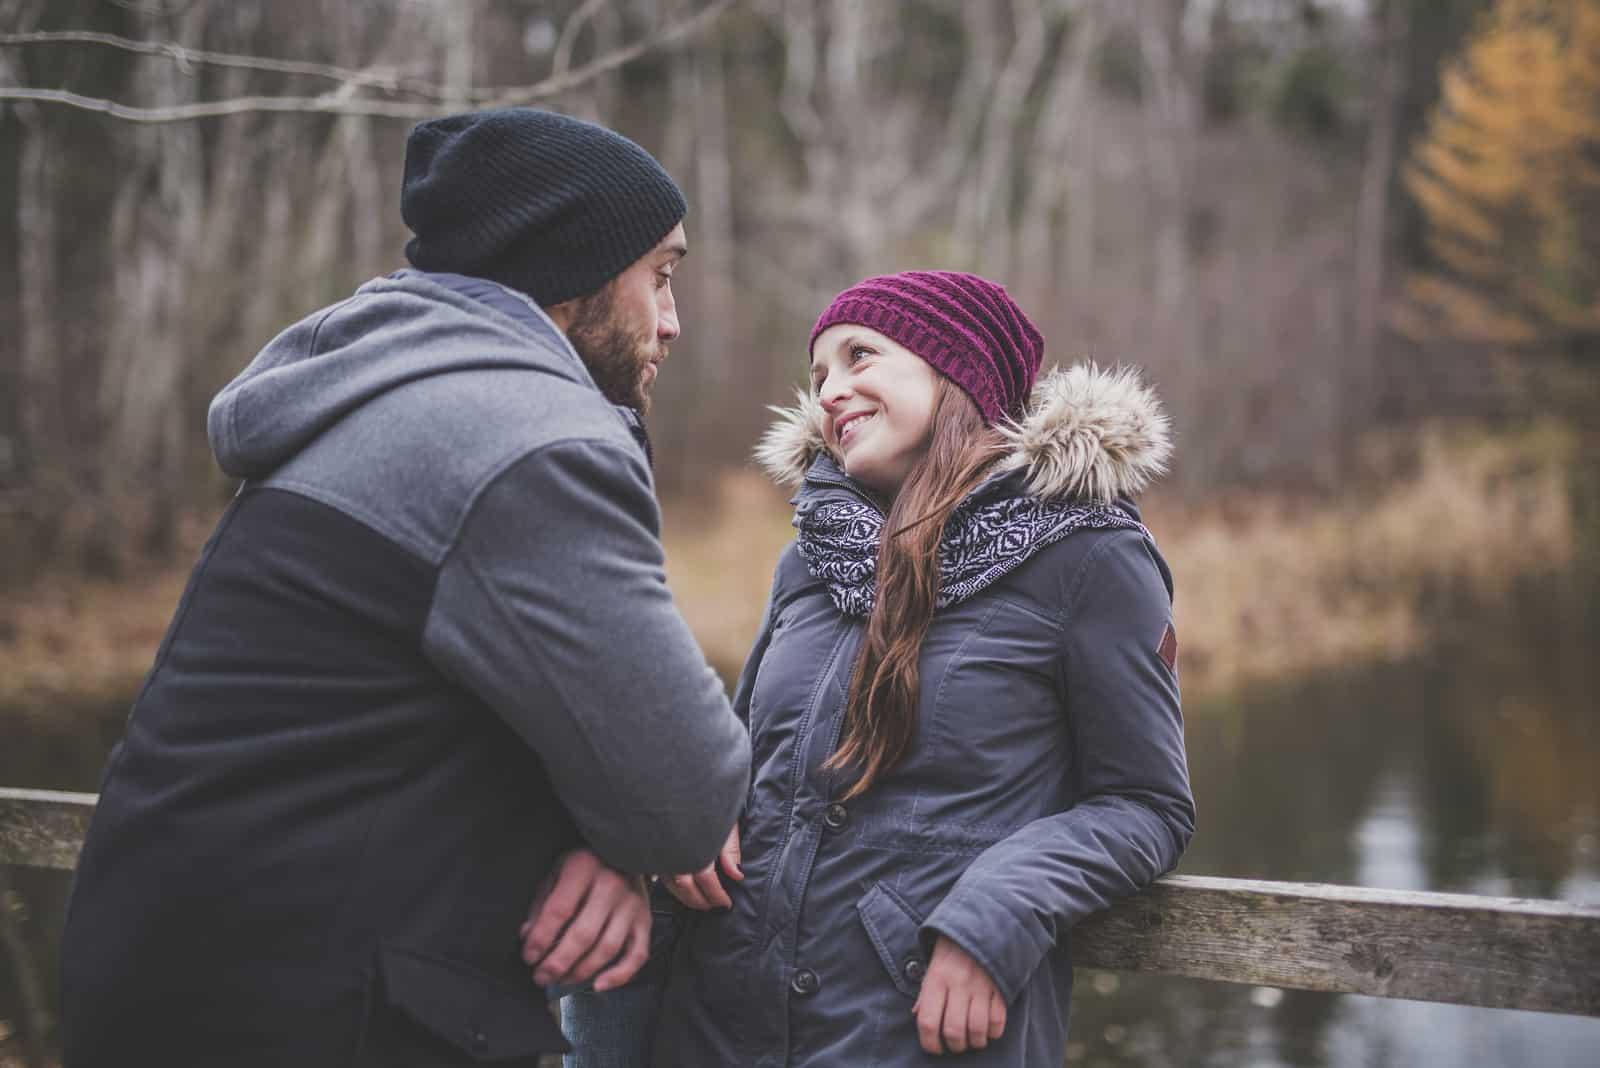 femme heureuse avec une casquette violette regardant un homme